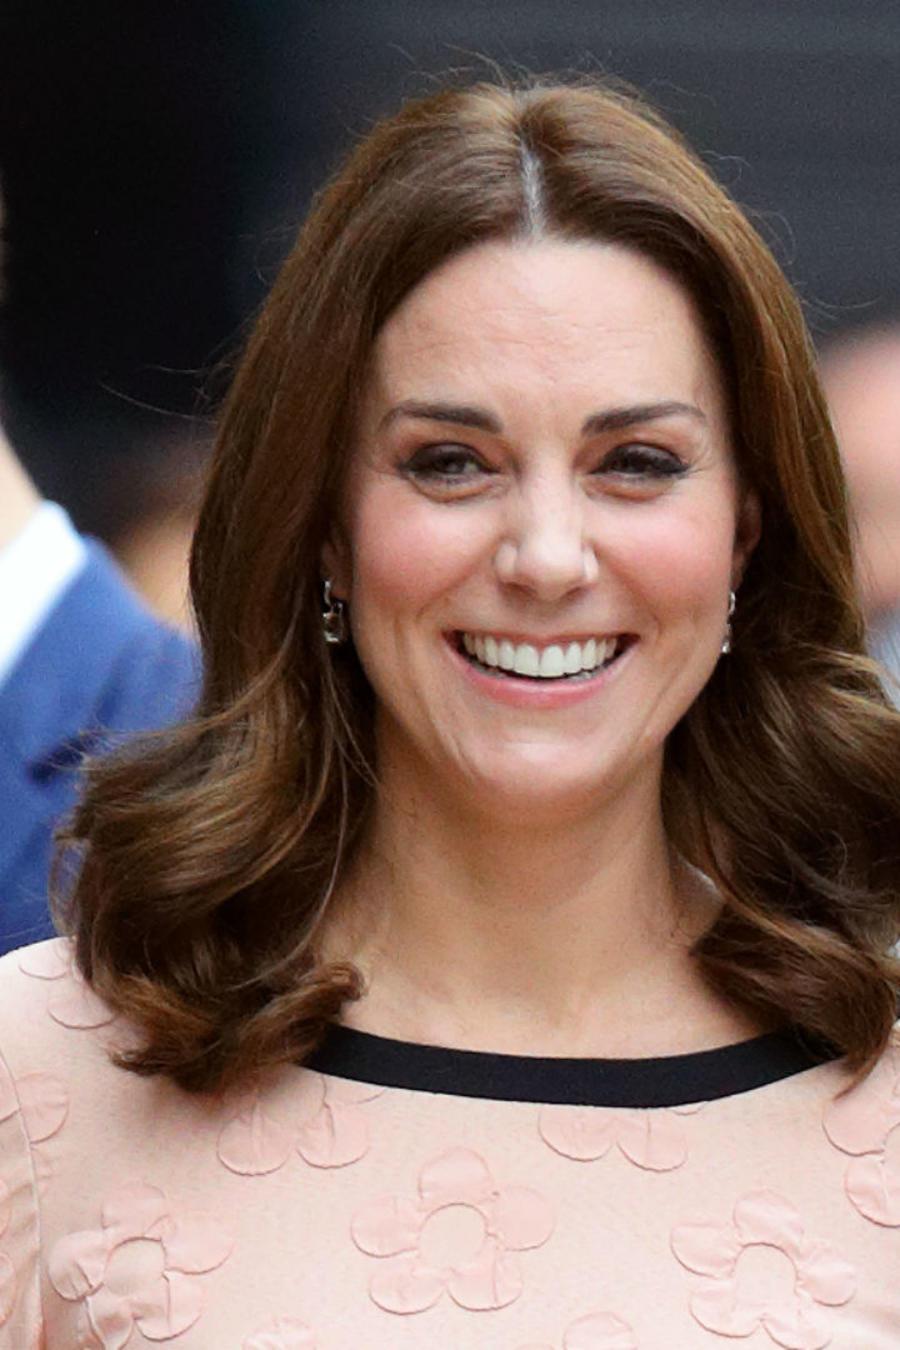 Kate Middleton en evento de caridad